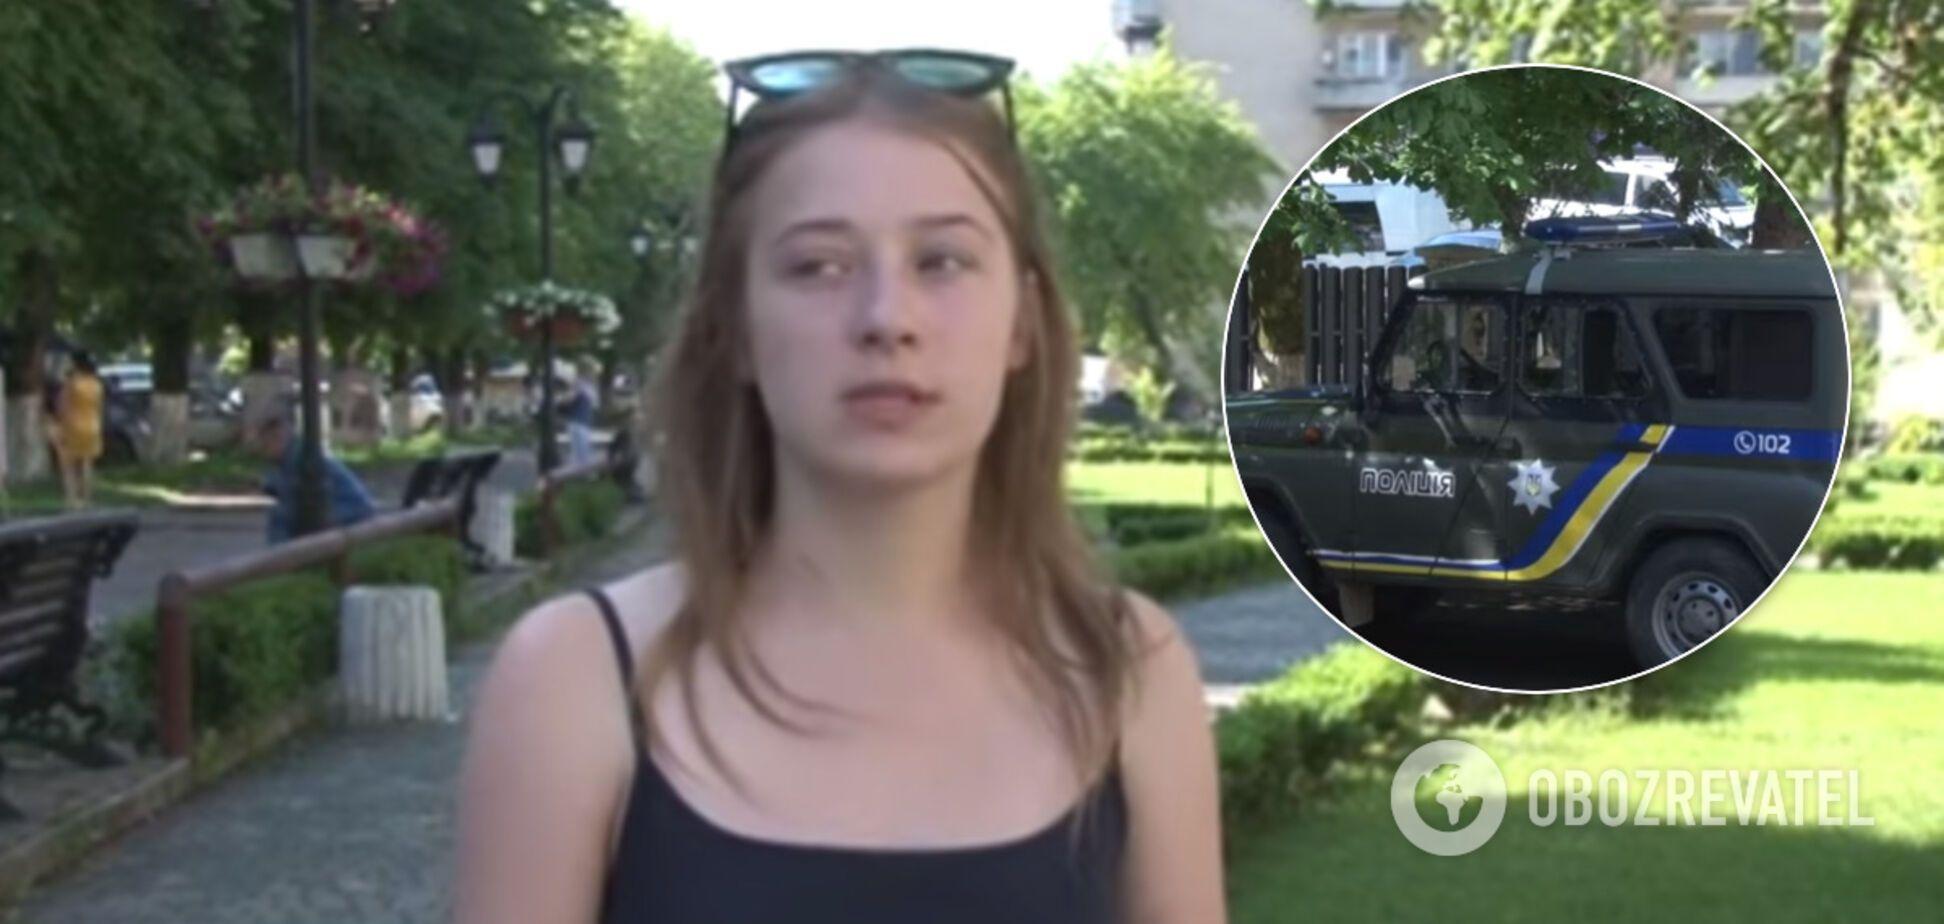 Стояла на коленях и умоляла: на Закарпатье полицейскую обвинили в жестоком избиении девушки